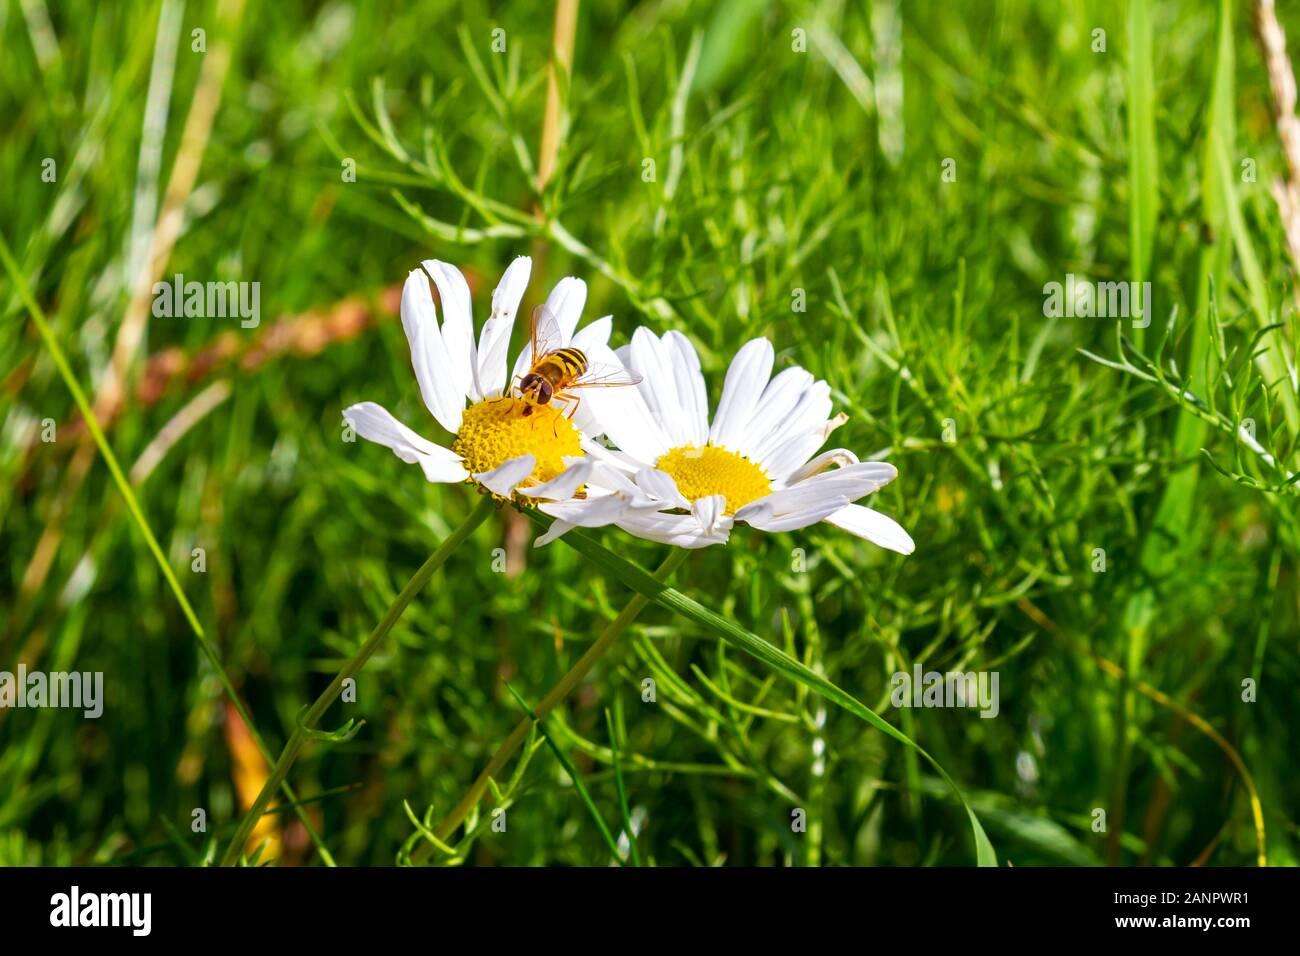 L'abeille recueille le pollen de l'échinacée fleur de conefères. Echinacea purpurea, pow blanc, tête conique jaune et pétales blancs. Jardin en Irlande Banque D'Images